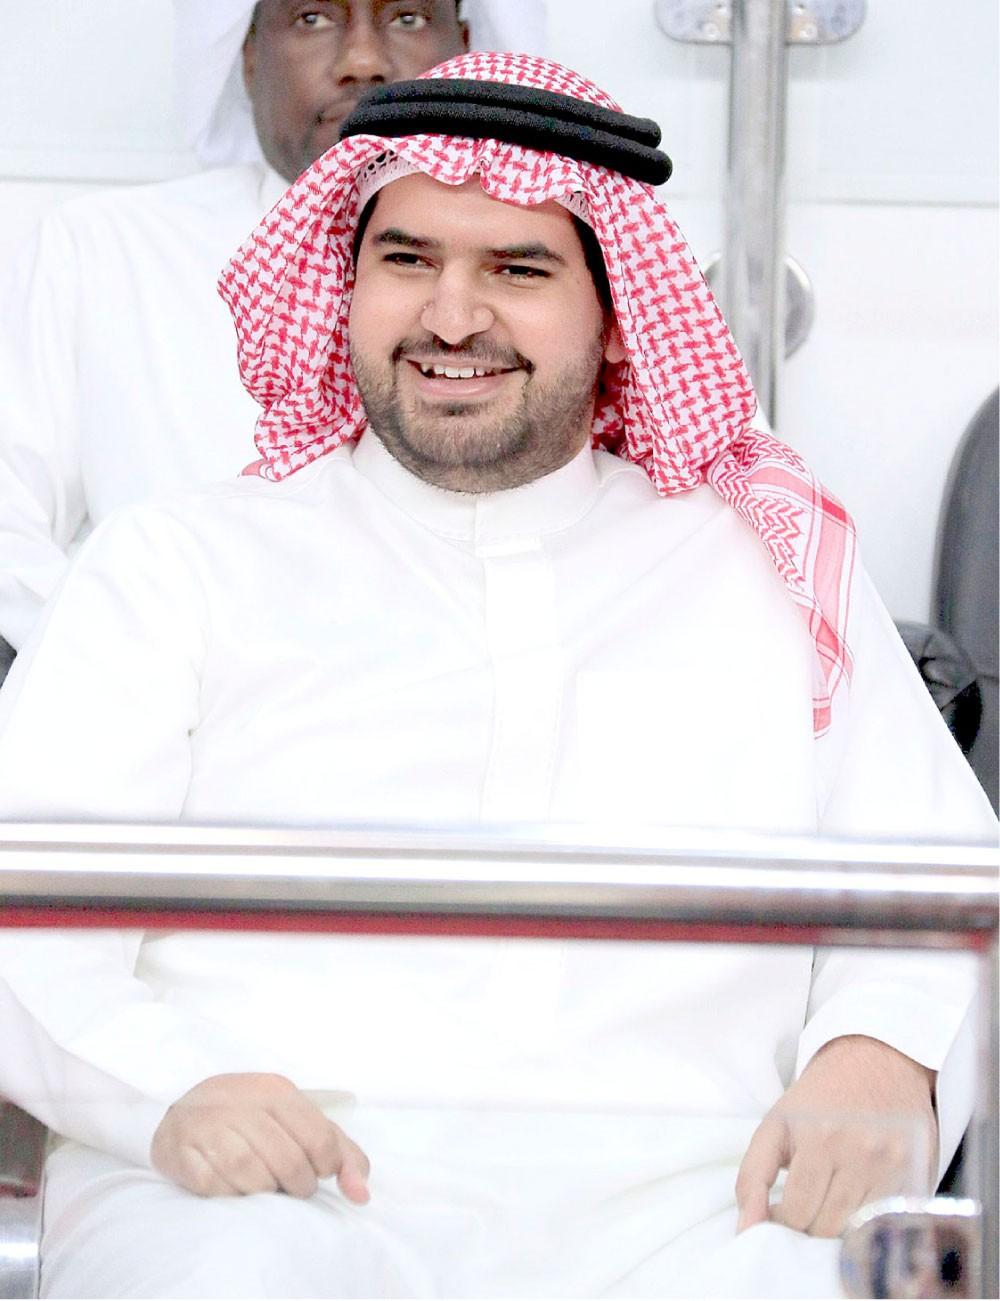 سمو الشيخ عيسى بن علي يوجه بدخول الجماهير مجانا في بطولة البحرين الدولية لكرة السلة